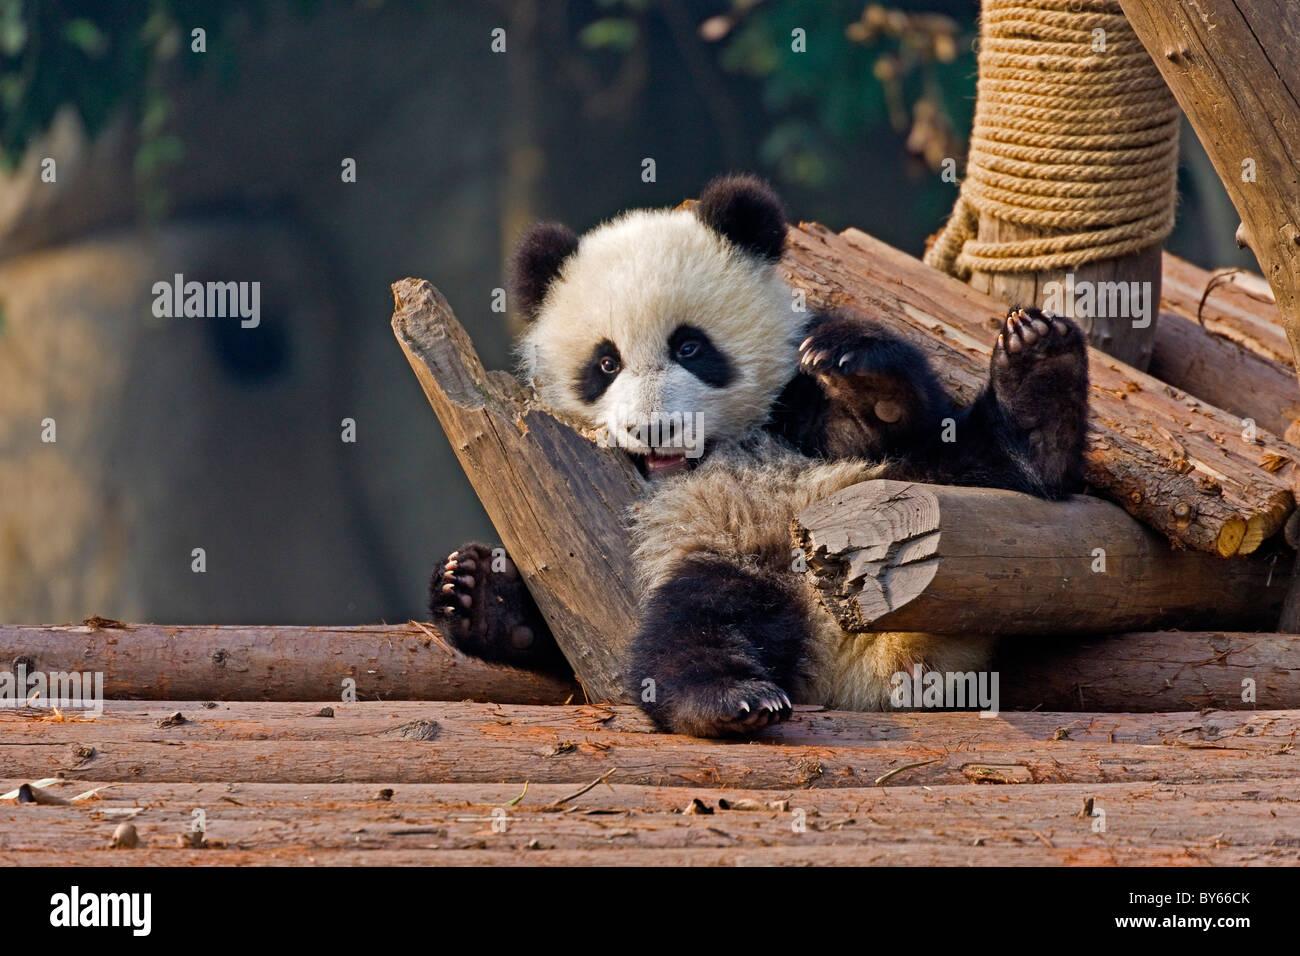 Joven cachorro de panda gigante en Chengdu Base de investigación de Cría de pandas gigantes, en China. Imagen De Stock